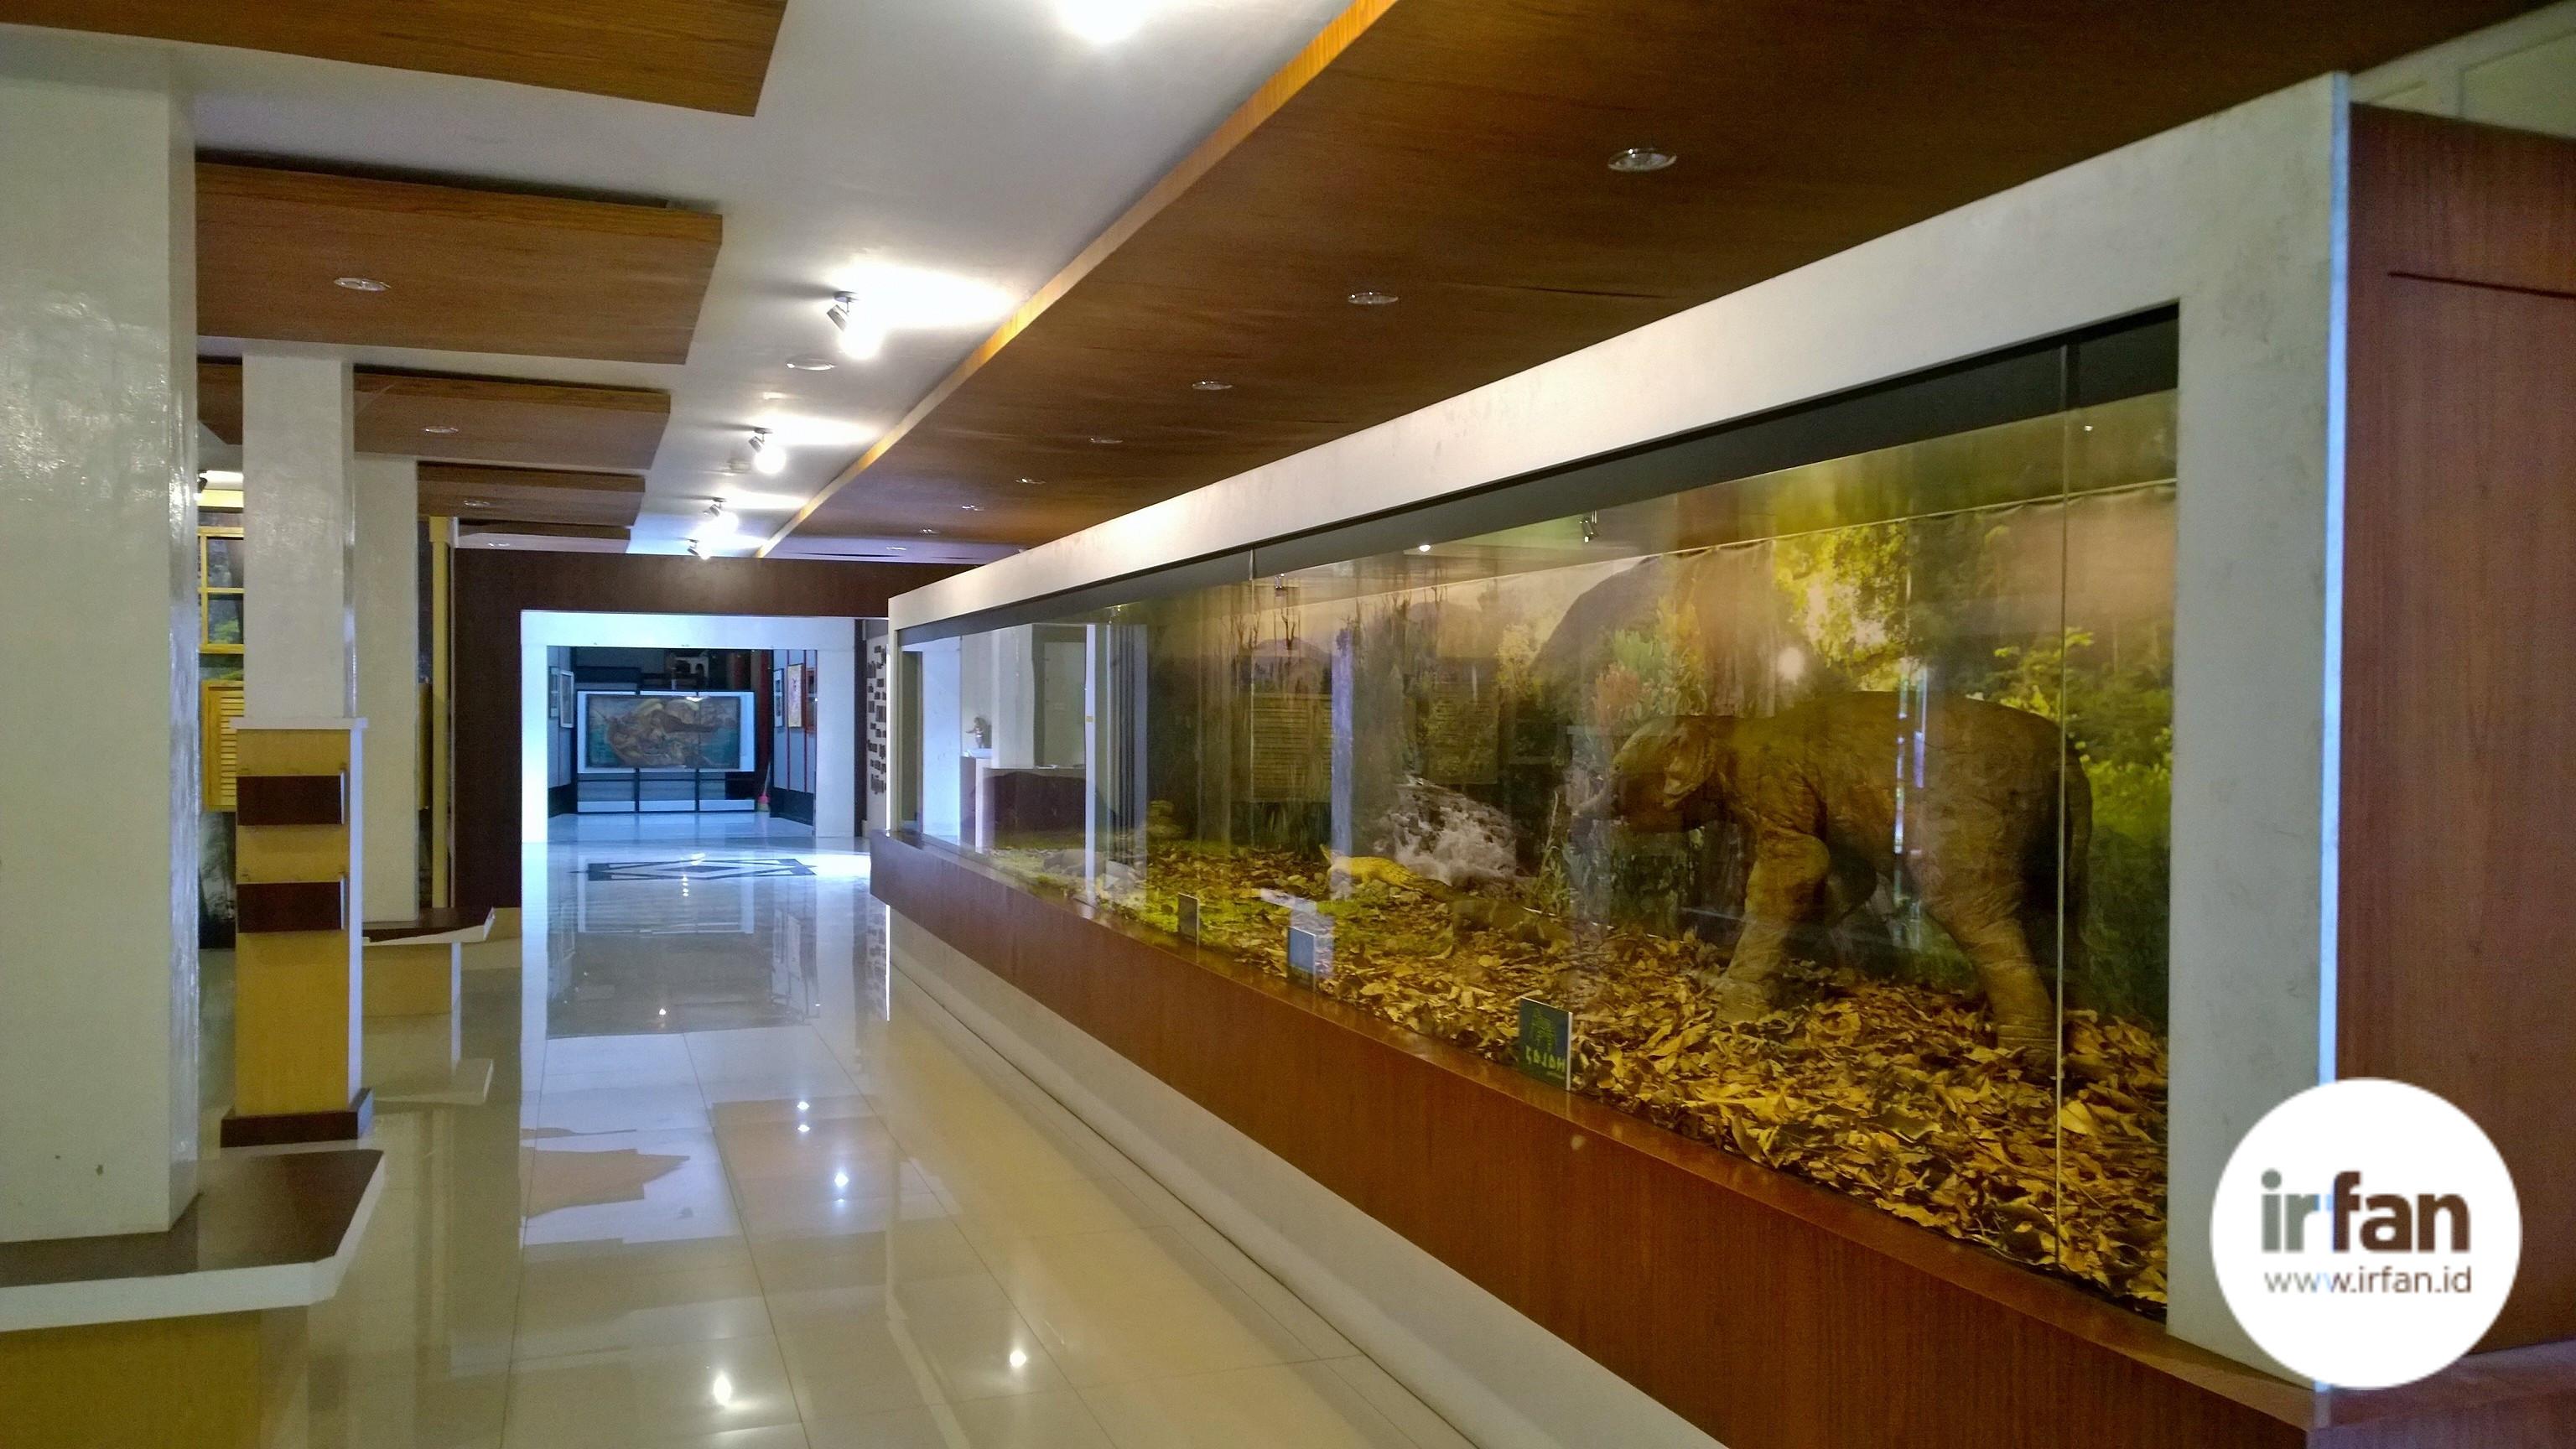 FOTO: Museum Negeri Aceh, Wisata Sejarah Yang Wajib Dikunjungi 32